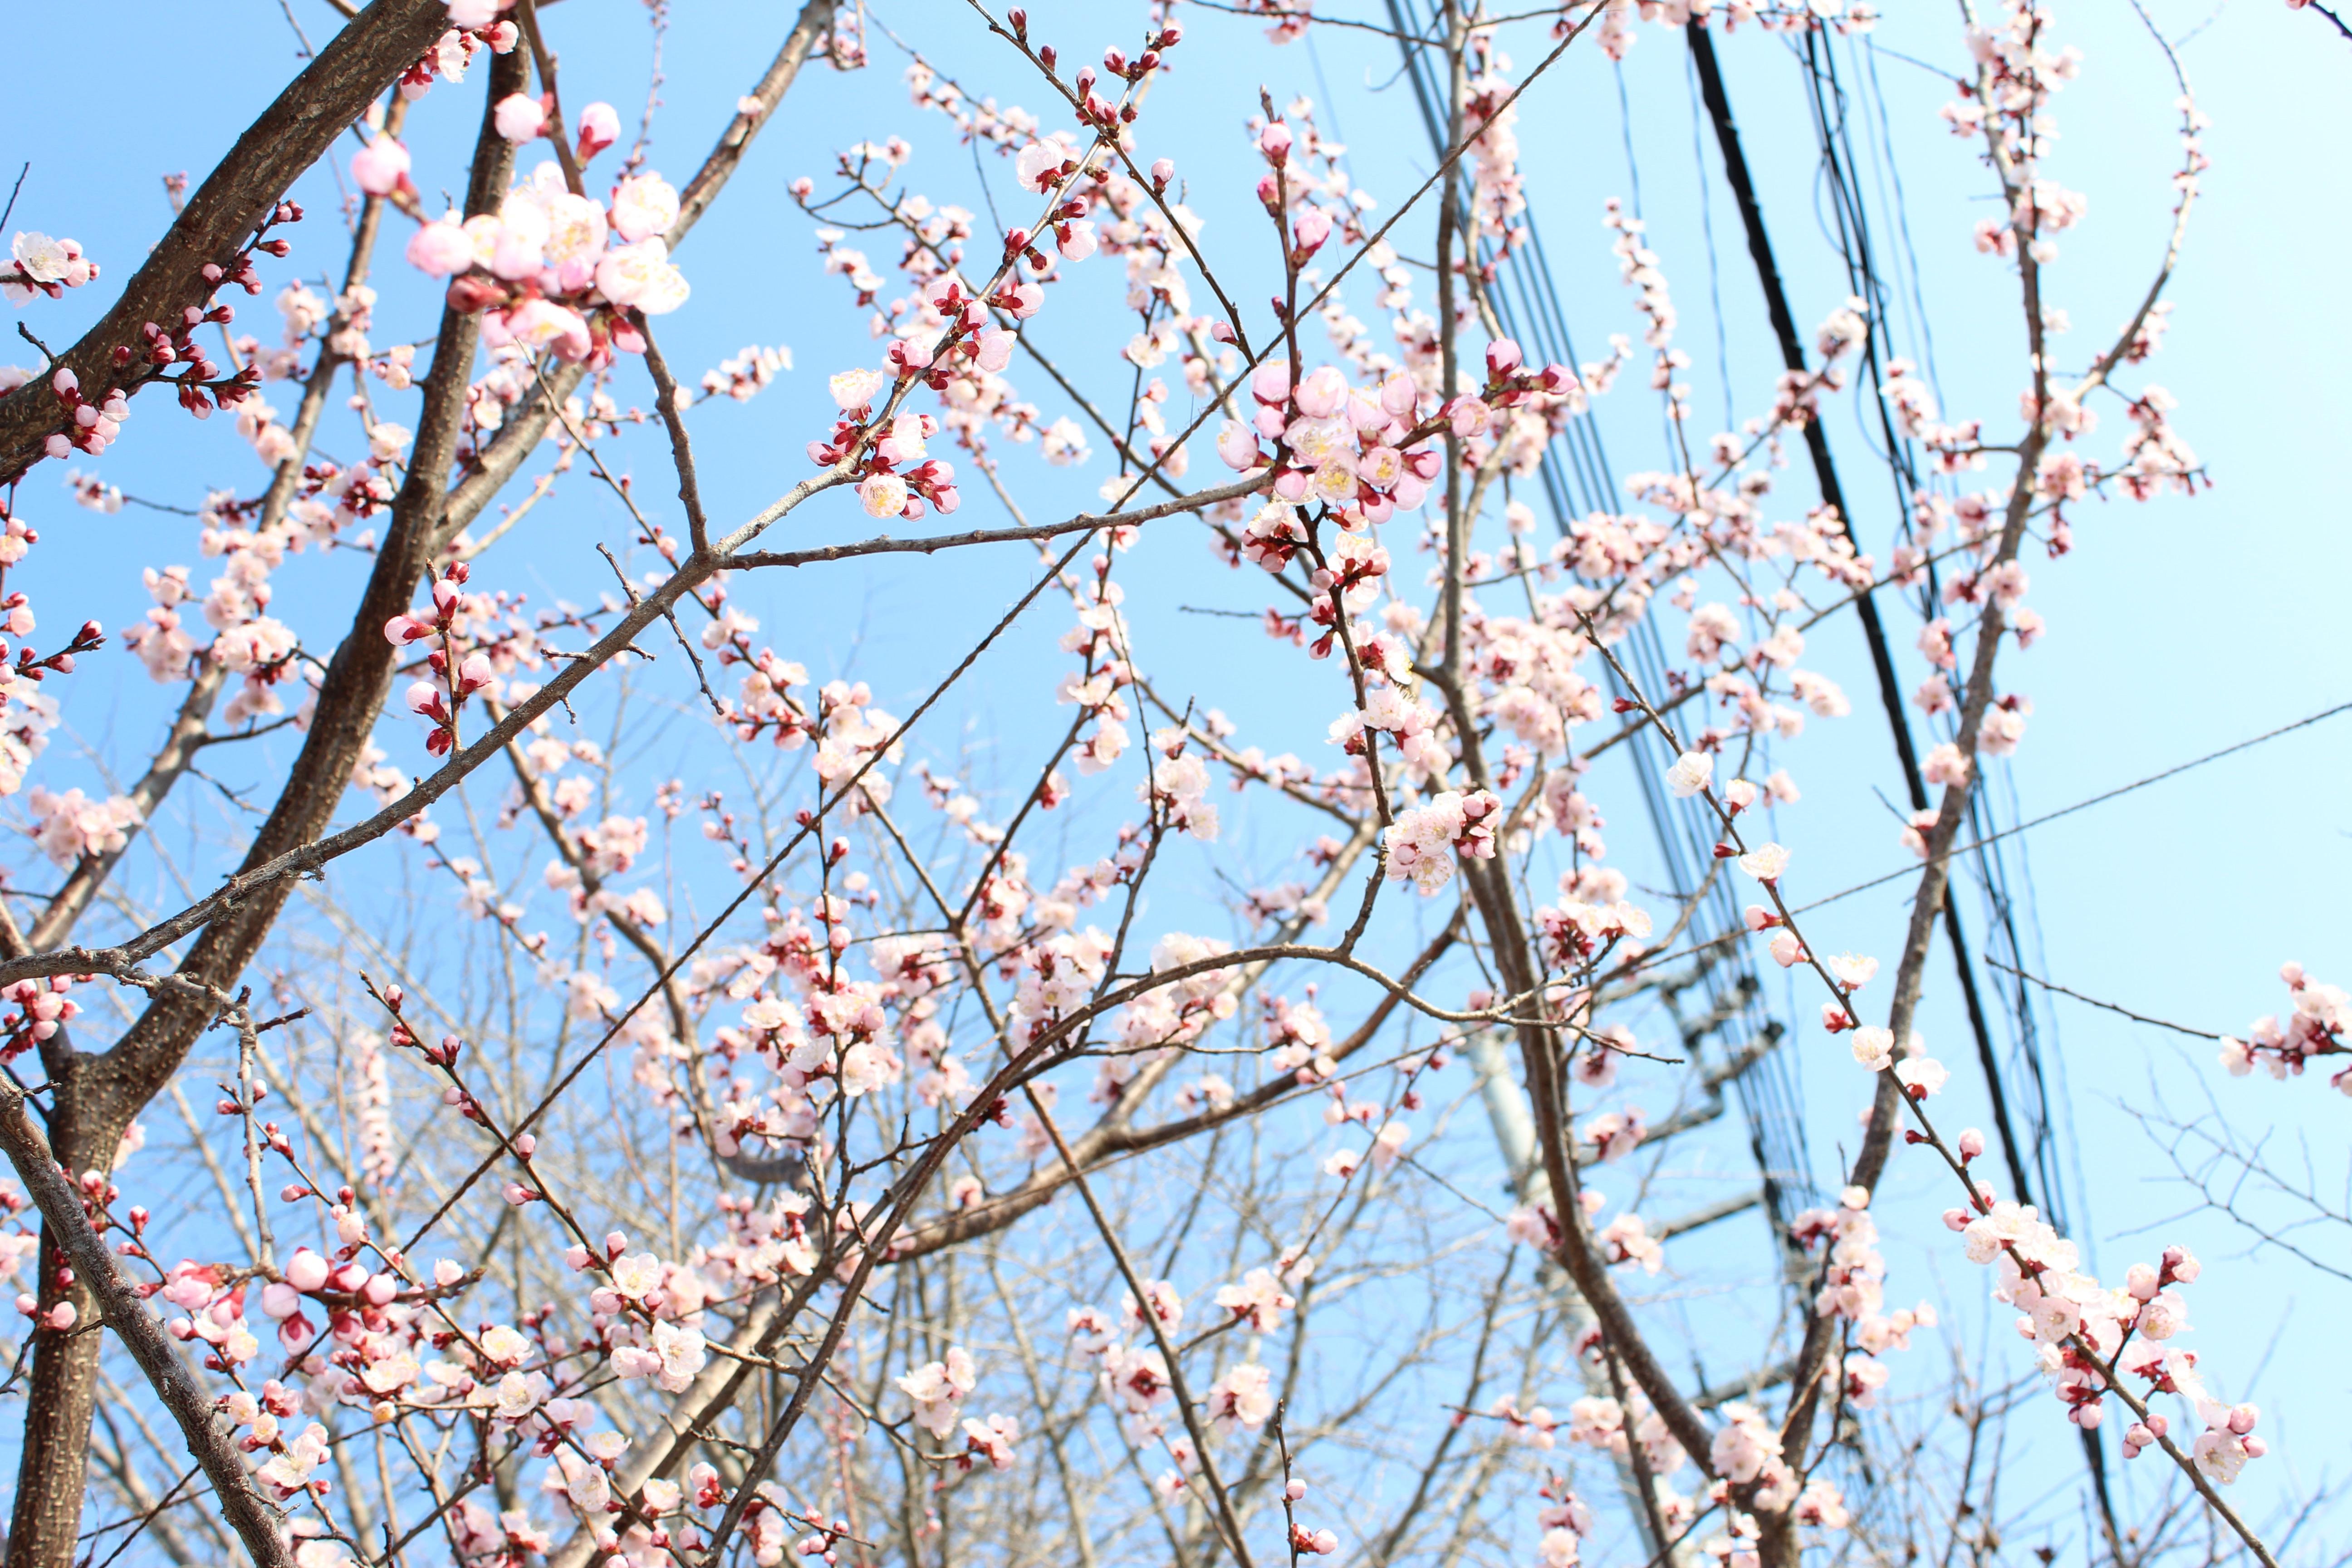 杏(あんず)の花が咲き揃ってきて、満開になってきました。